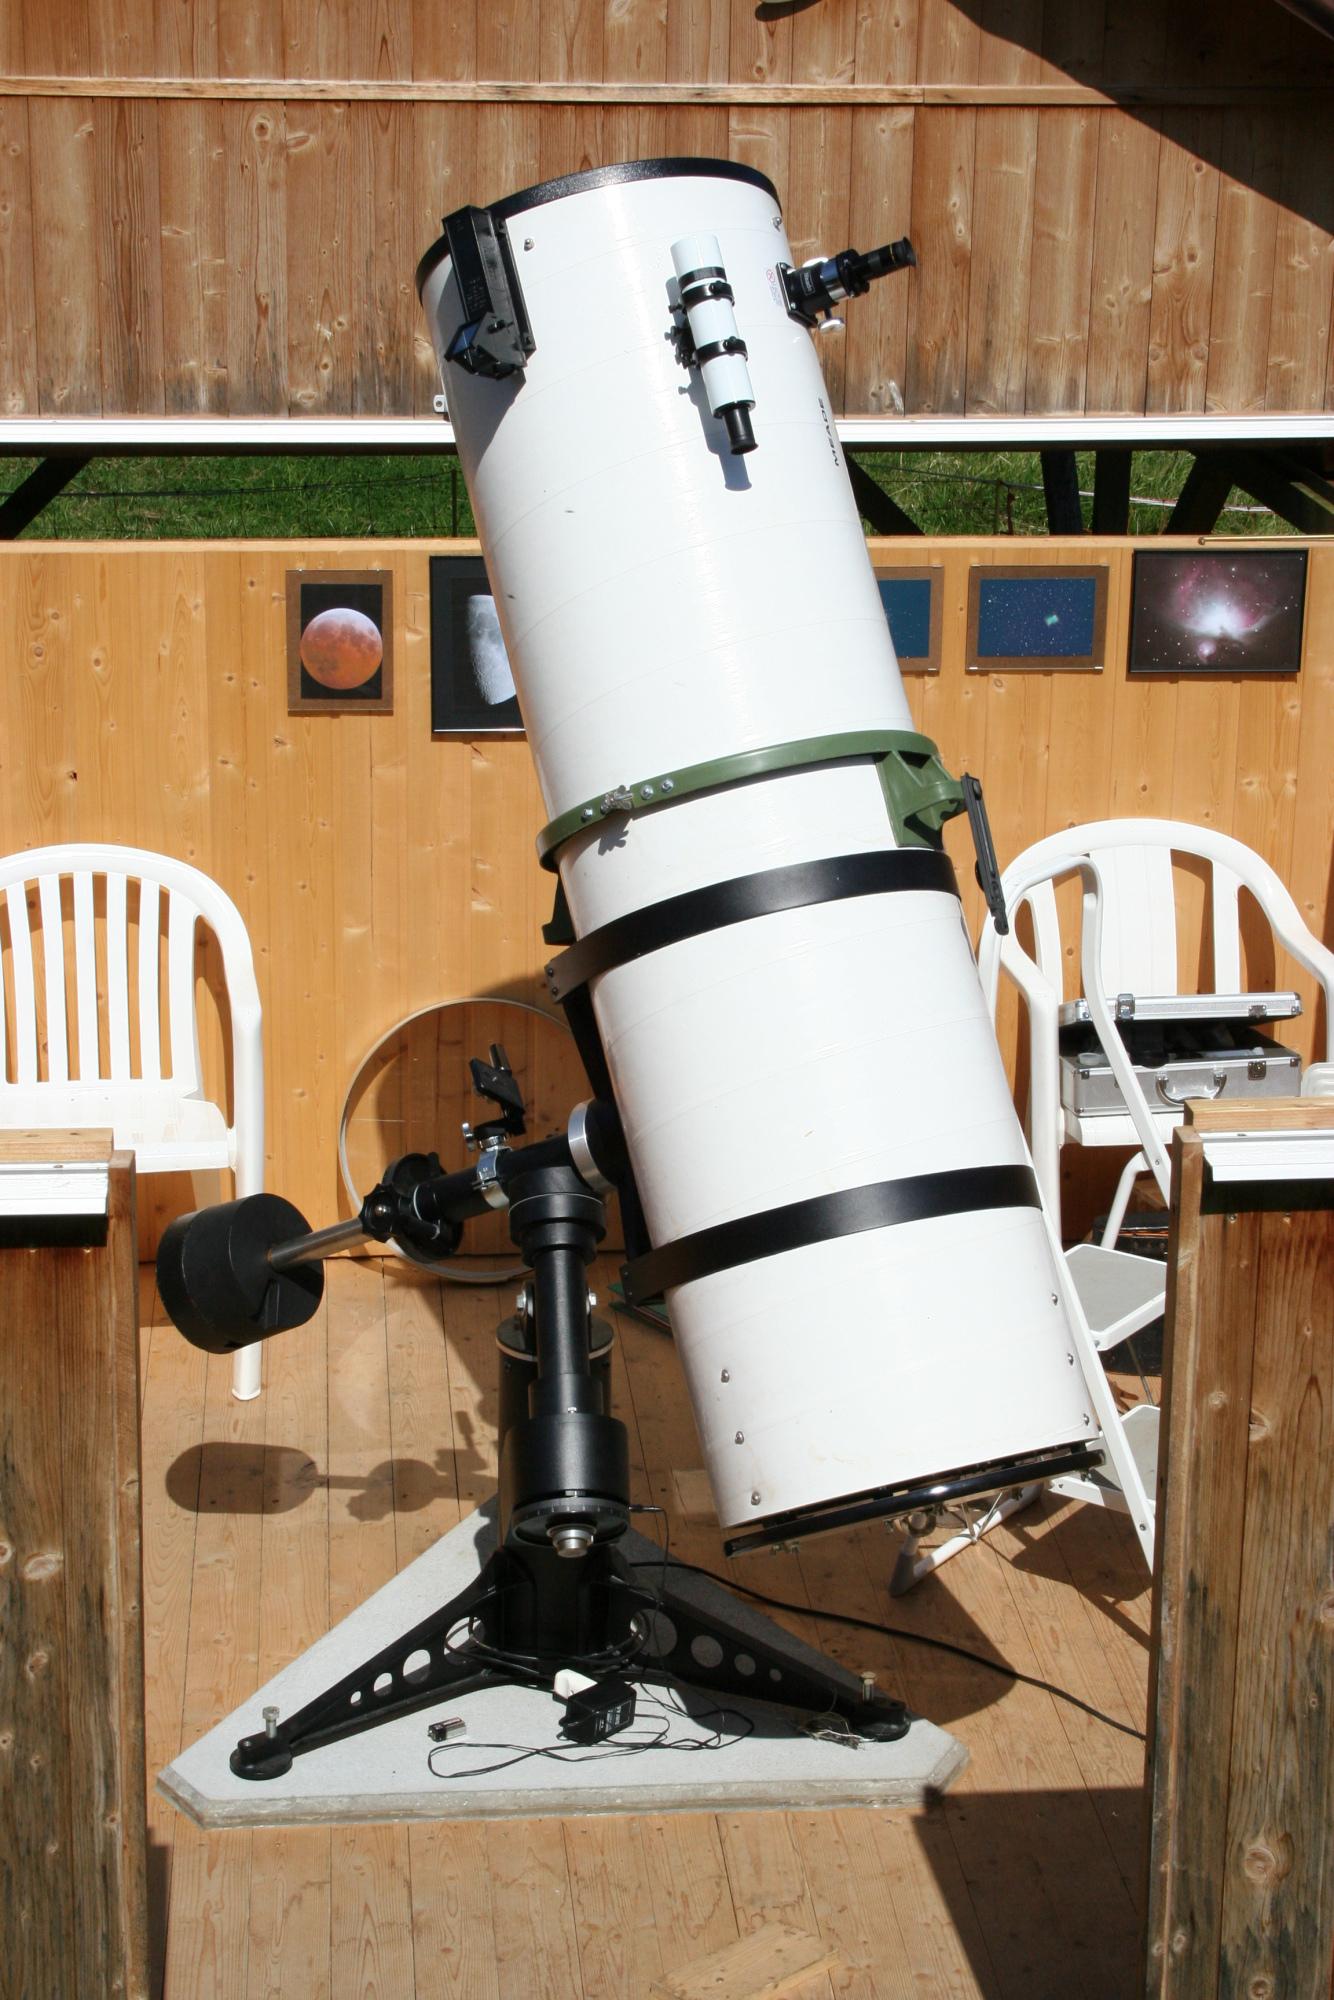 5fb6d4b8f3818_observatoire117_08_08016.thumb.jpg.c3757f013c6fbebd9909c9013a9fb5a8.jpg